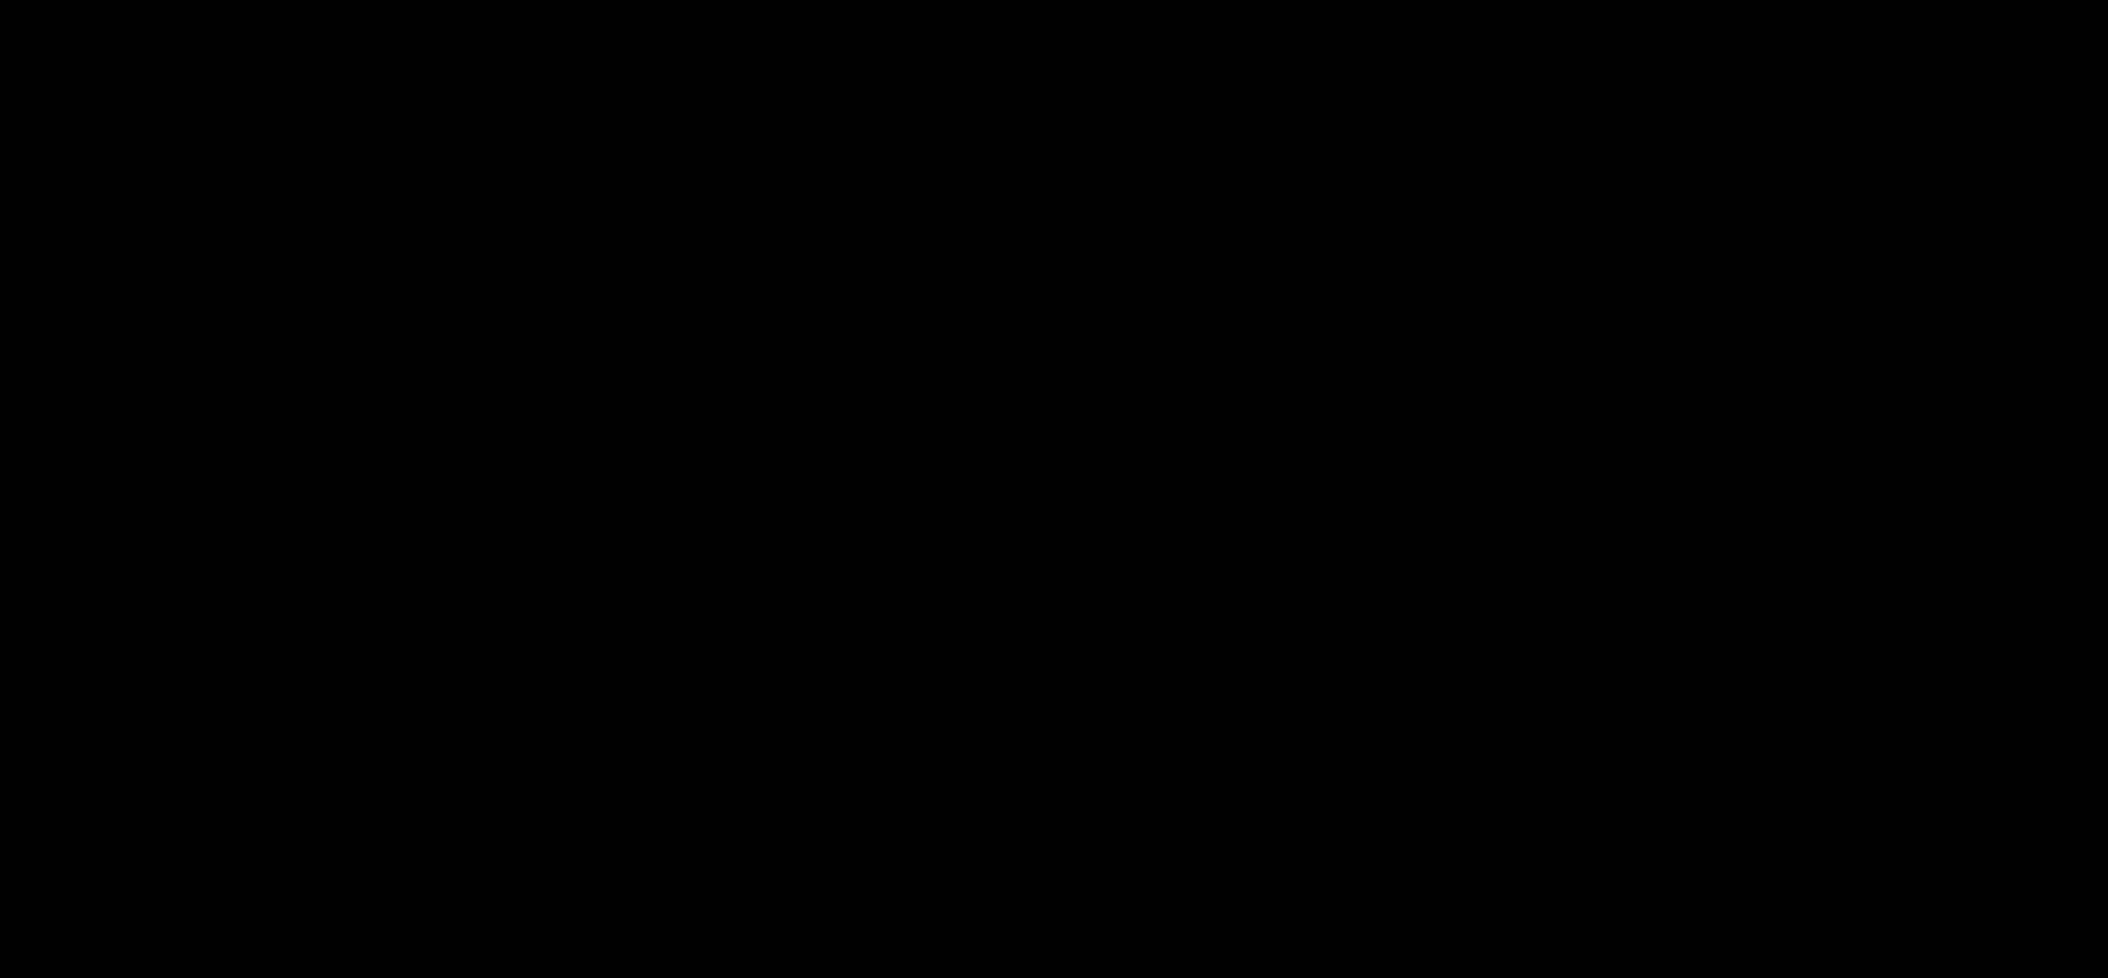 N-Biotinylserotonin